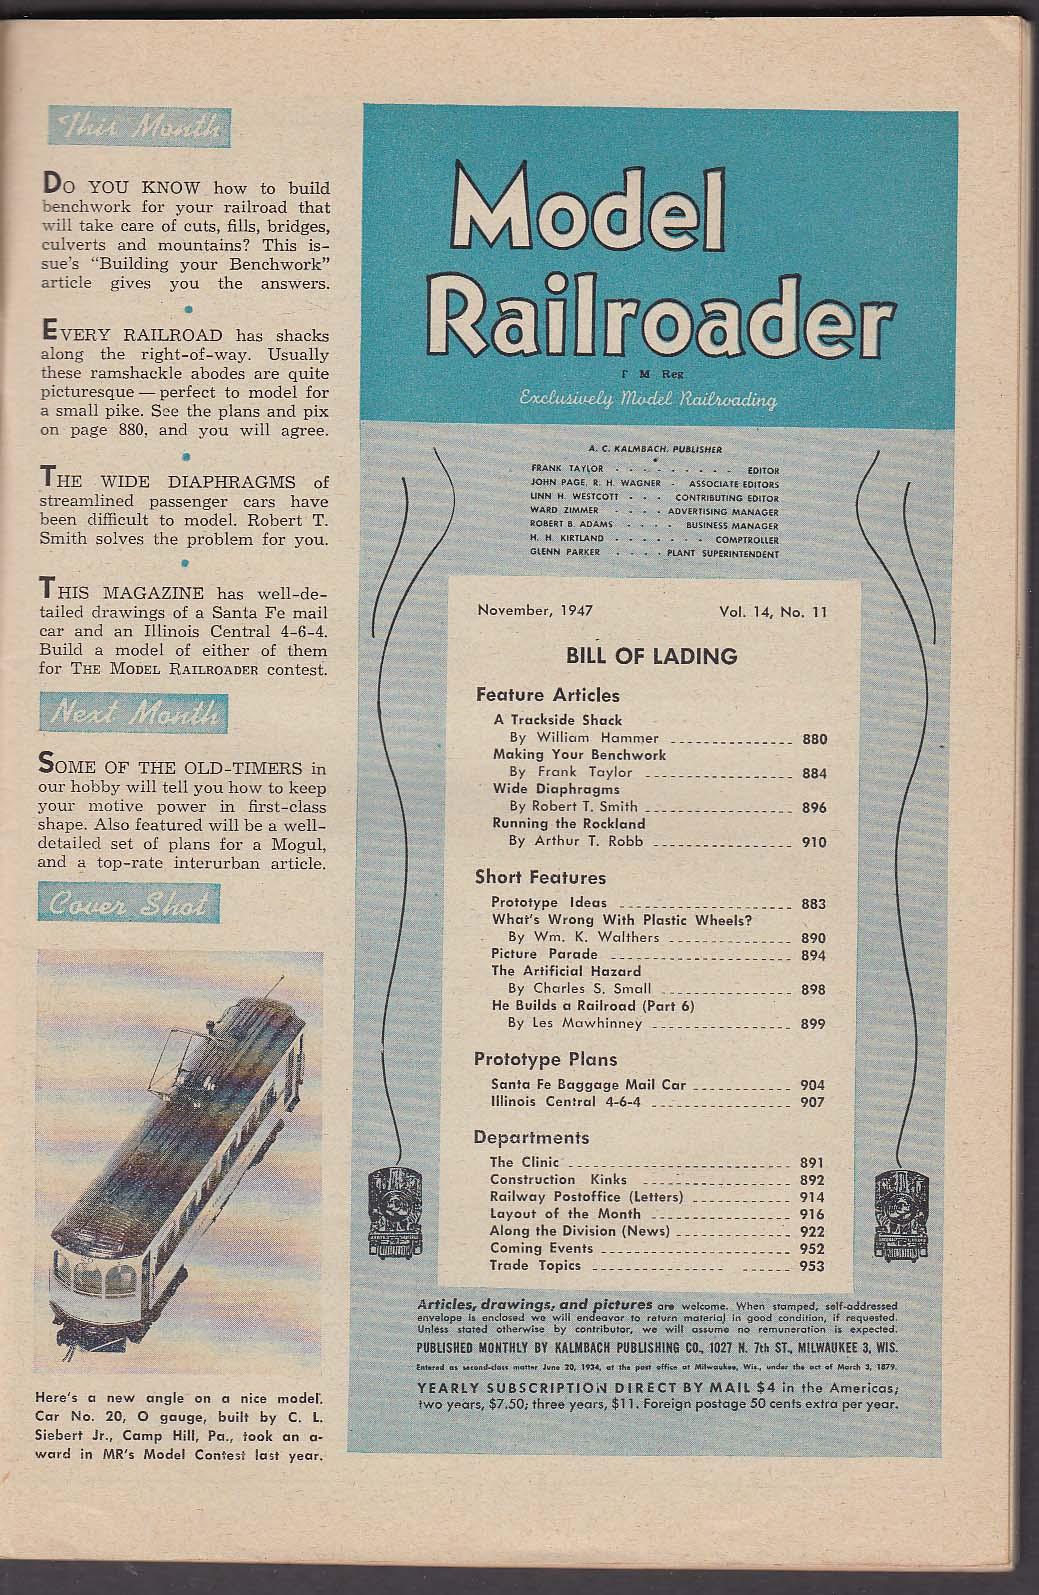 Image for MODEL RAILROADER Trackside Shack Wide Diaphragms Plastic Wheels ++ 11 1947